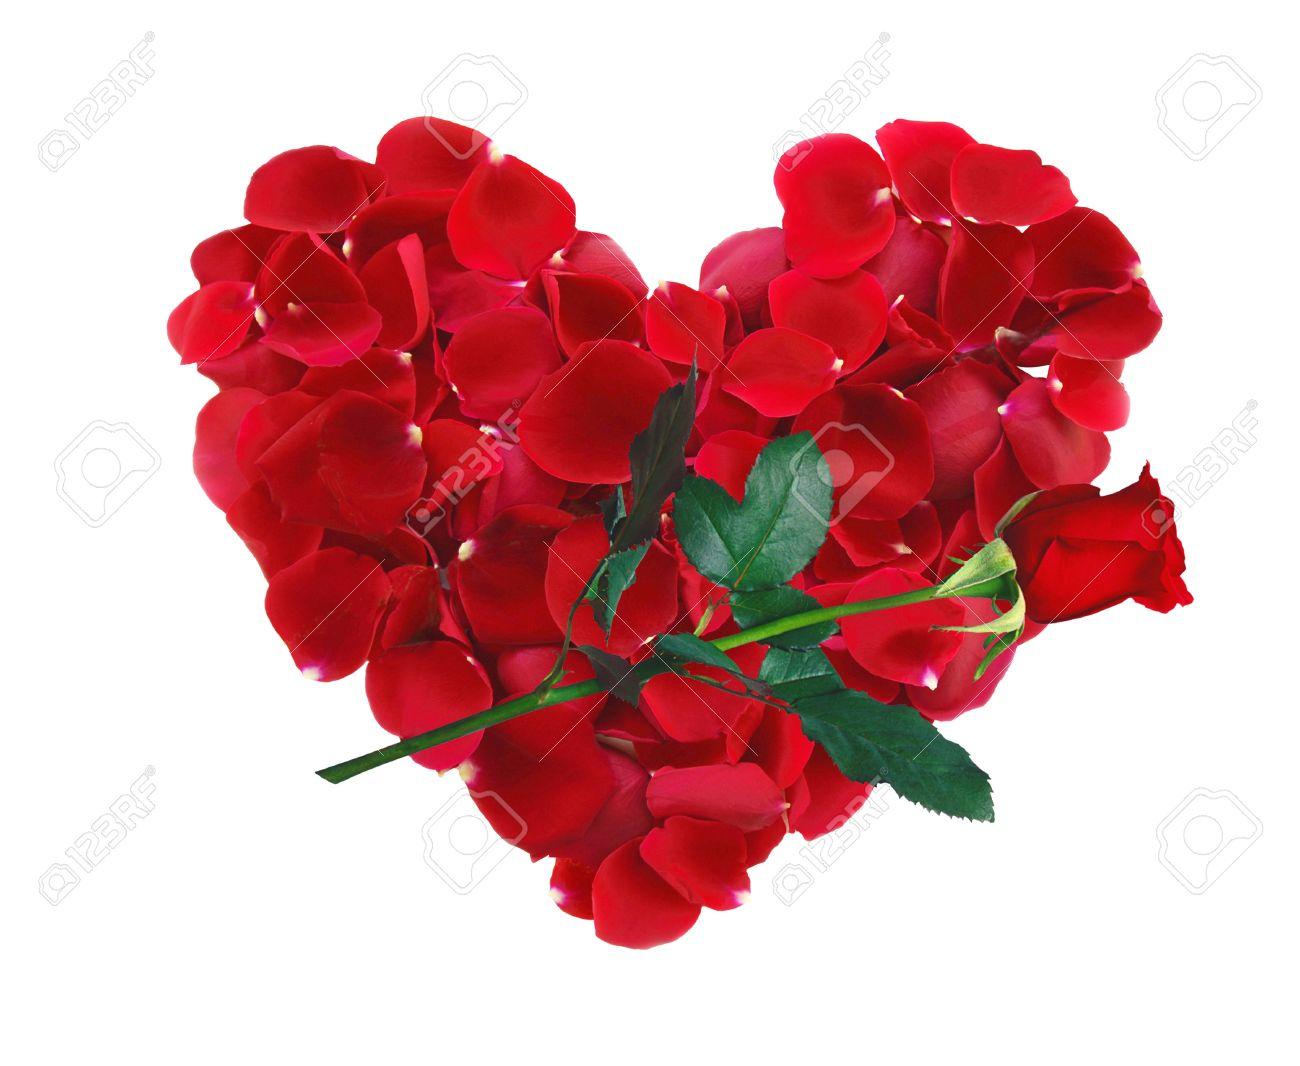 beau coeur de pétales de rose rouge et rose fleur isolée sur fond